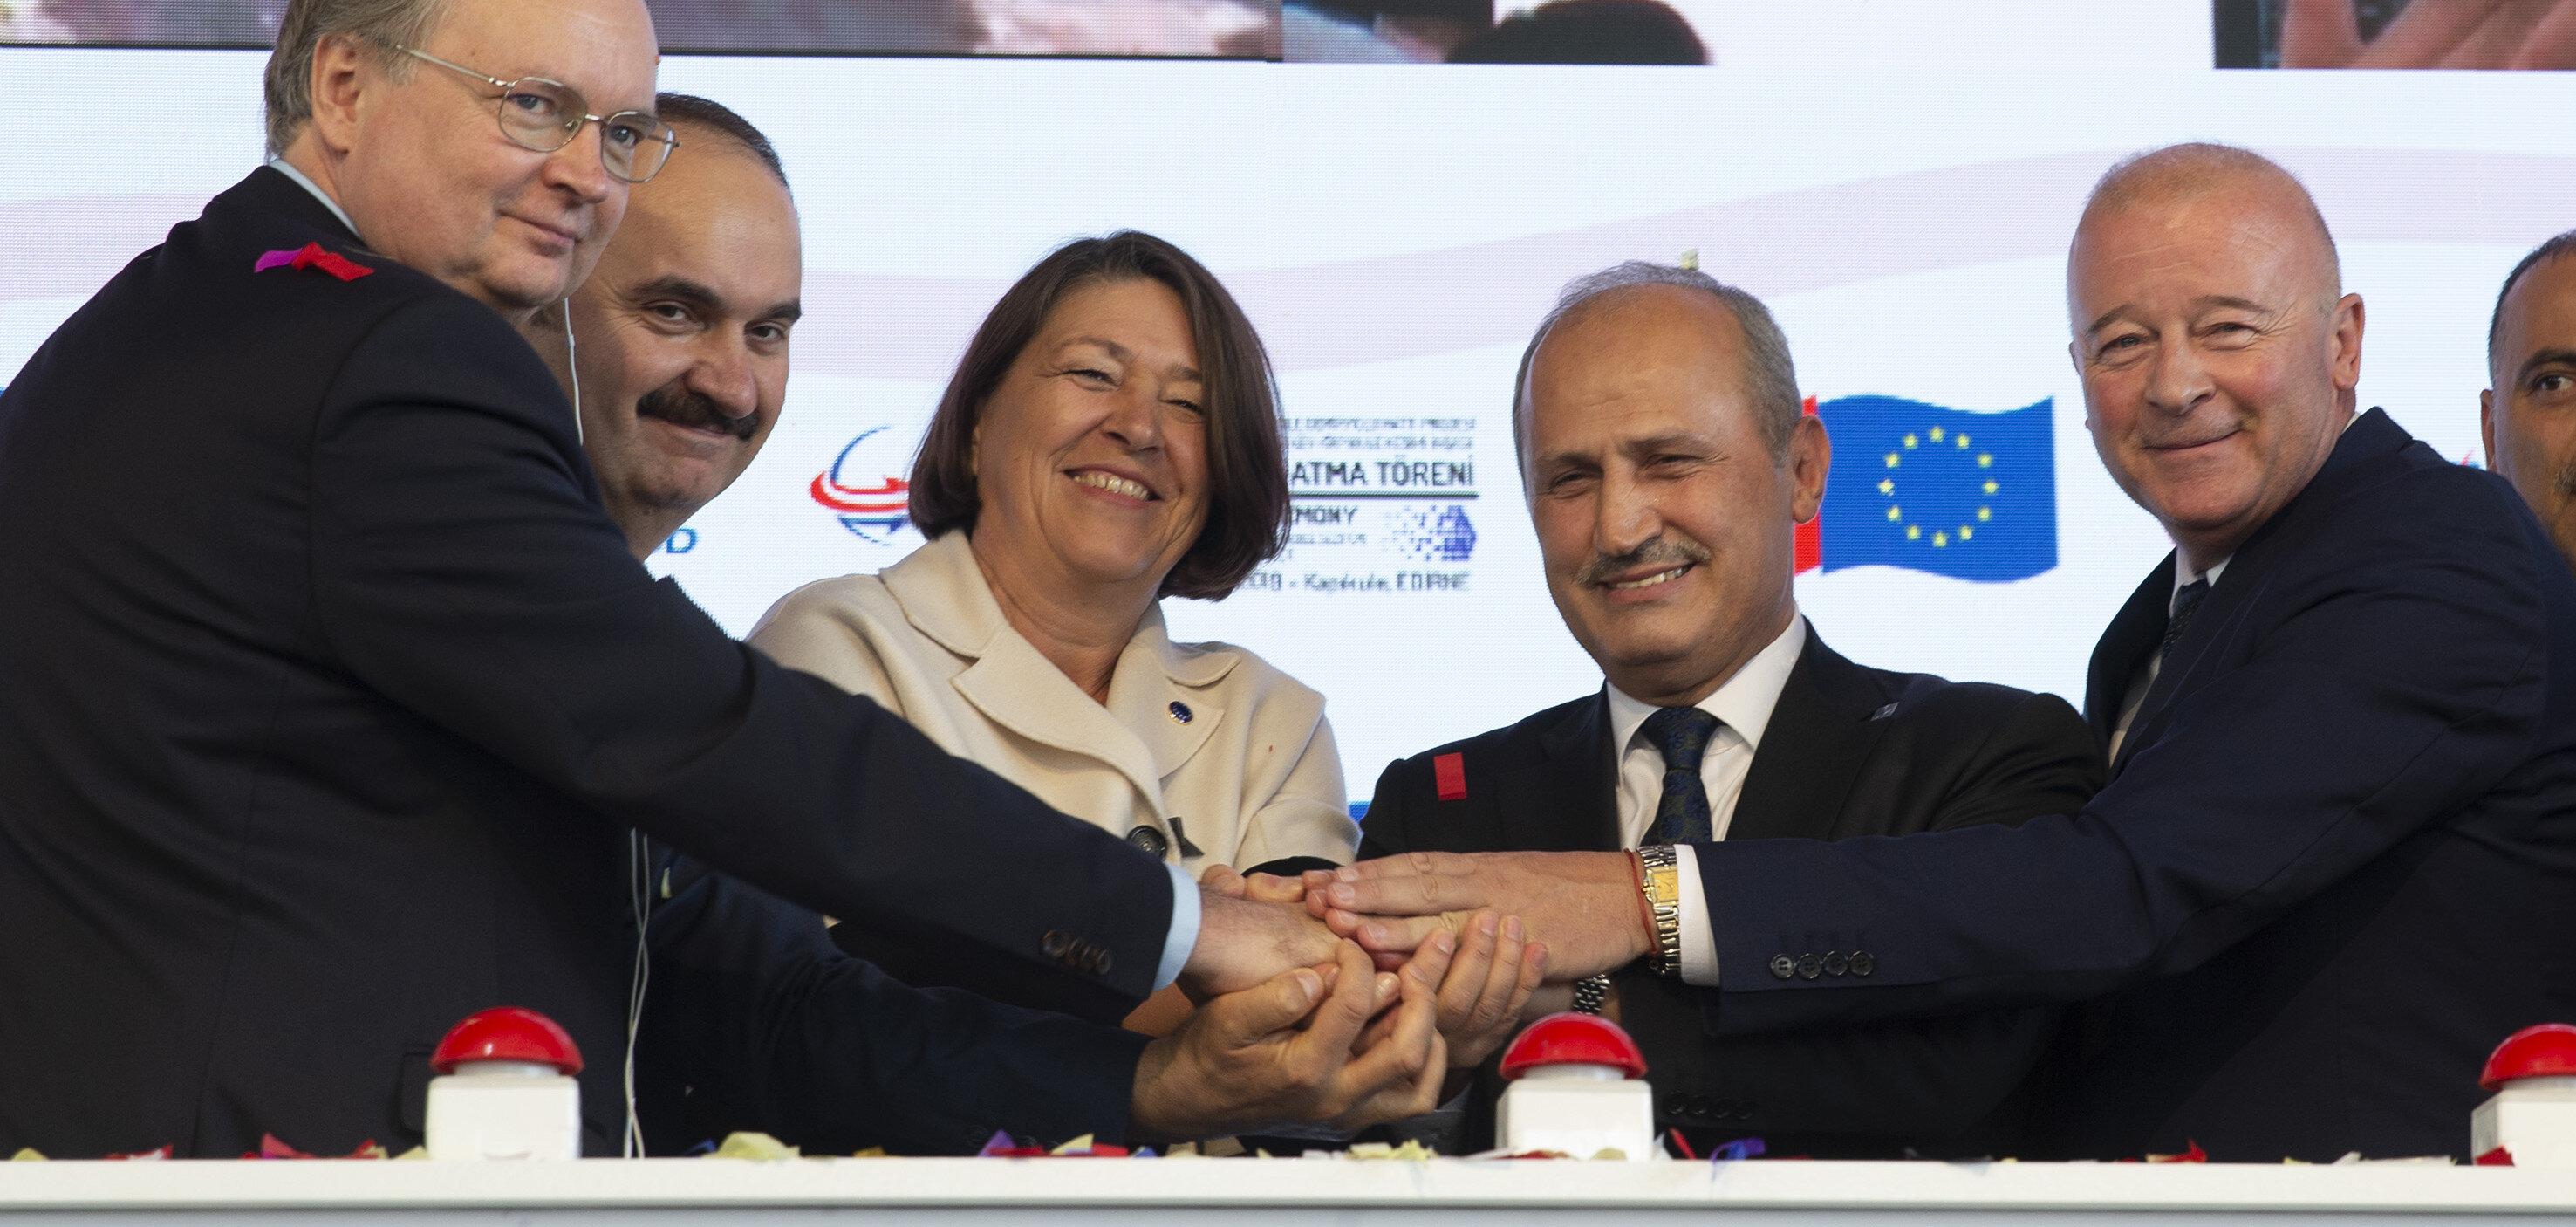 Ulaştırma ve Altyapı Bakanı Mehmet Cahit Turhan, 'Halkalı Kapıkule Demiryolu Hattı Projesi Temel Atma Töreni'ni gerçekleştirdi.